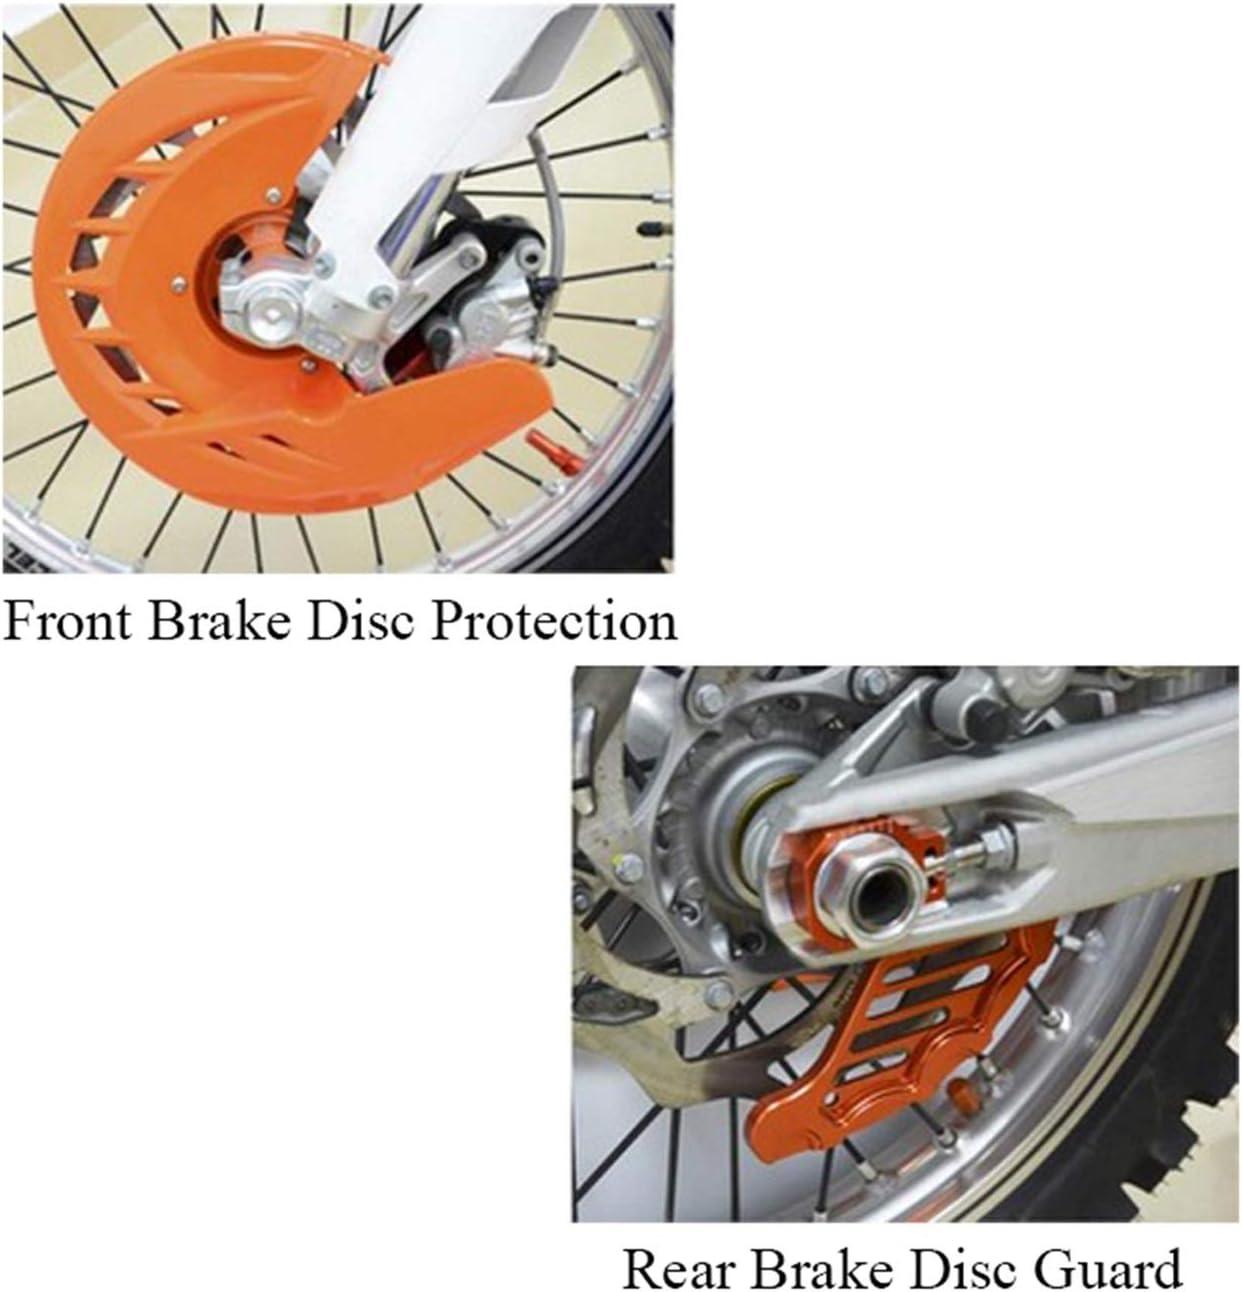 XIAOZHIWEN Motocicli Pellicola protettiva per la protezione del disco del freno posteriore anteriore per KTM 125 200 250 300 350 400 450 450 450 450 450 530 530 ExcF SX SXF XC XCF Exc-F 2003-2014 Stur